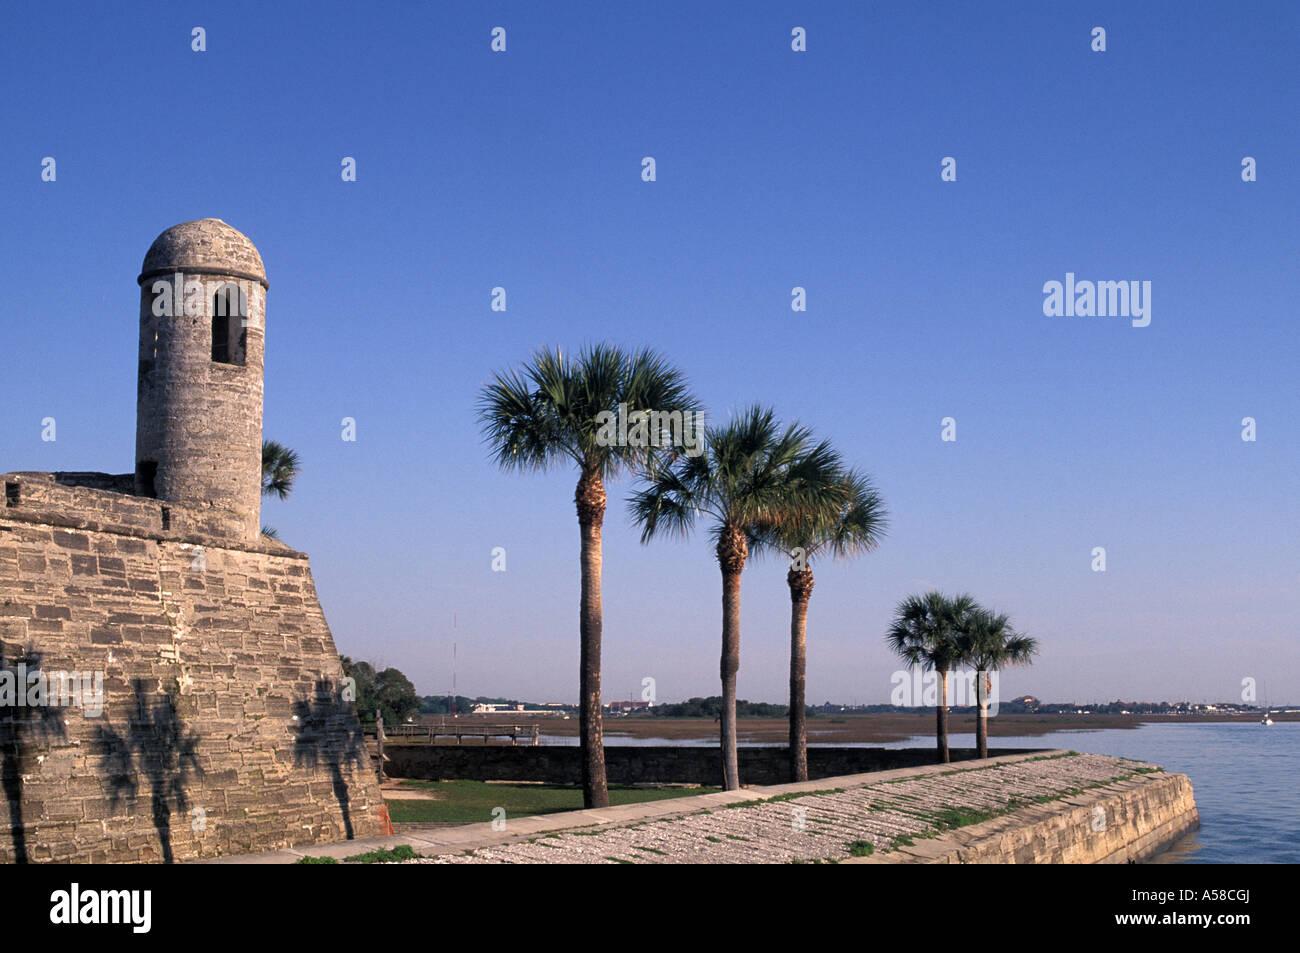 St Augustine, Florida Castillo de San Marcos national monument guard ...